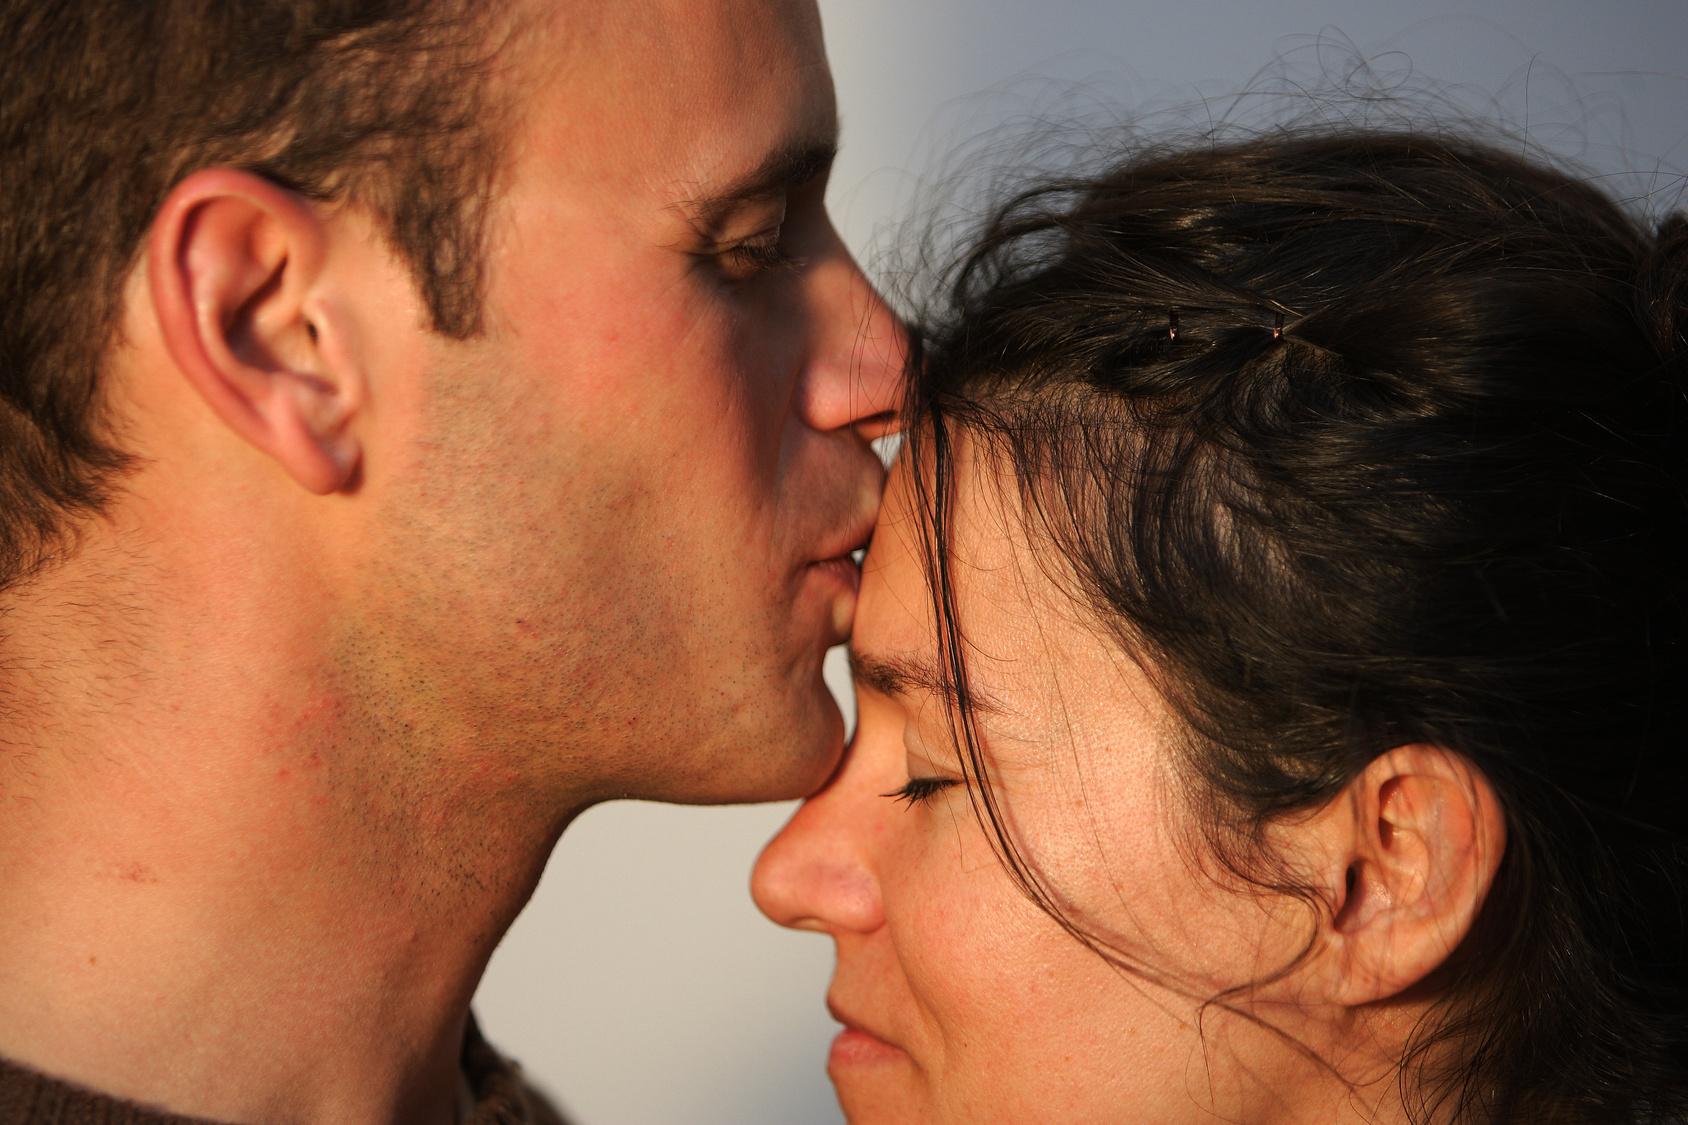 Couple qui s'échange des tendresses dans une lumière de coucher de soleil. Image d'amour et de tendresse entre un jeune homme et sa fiancée.